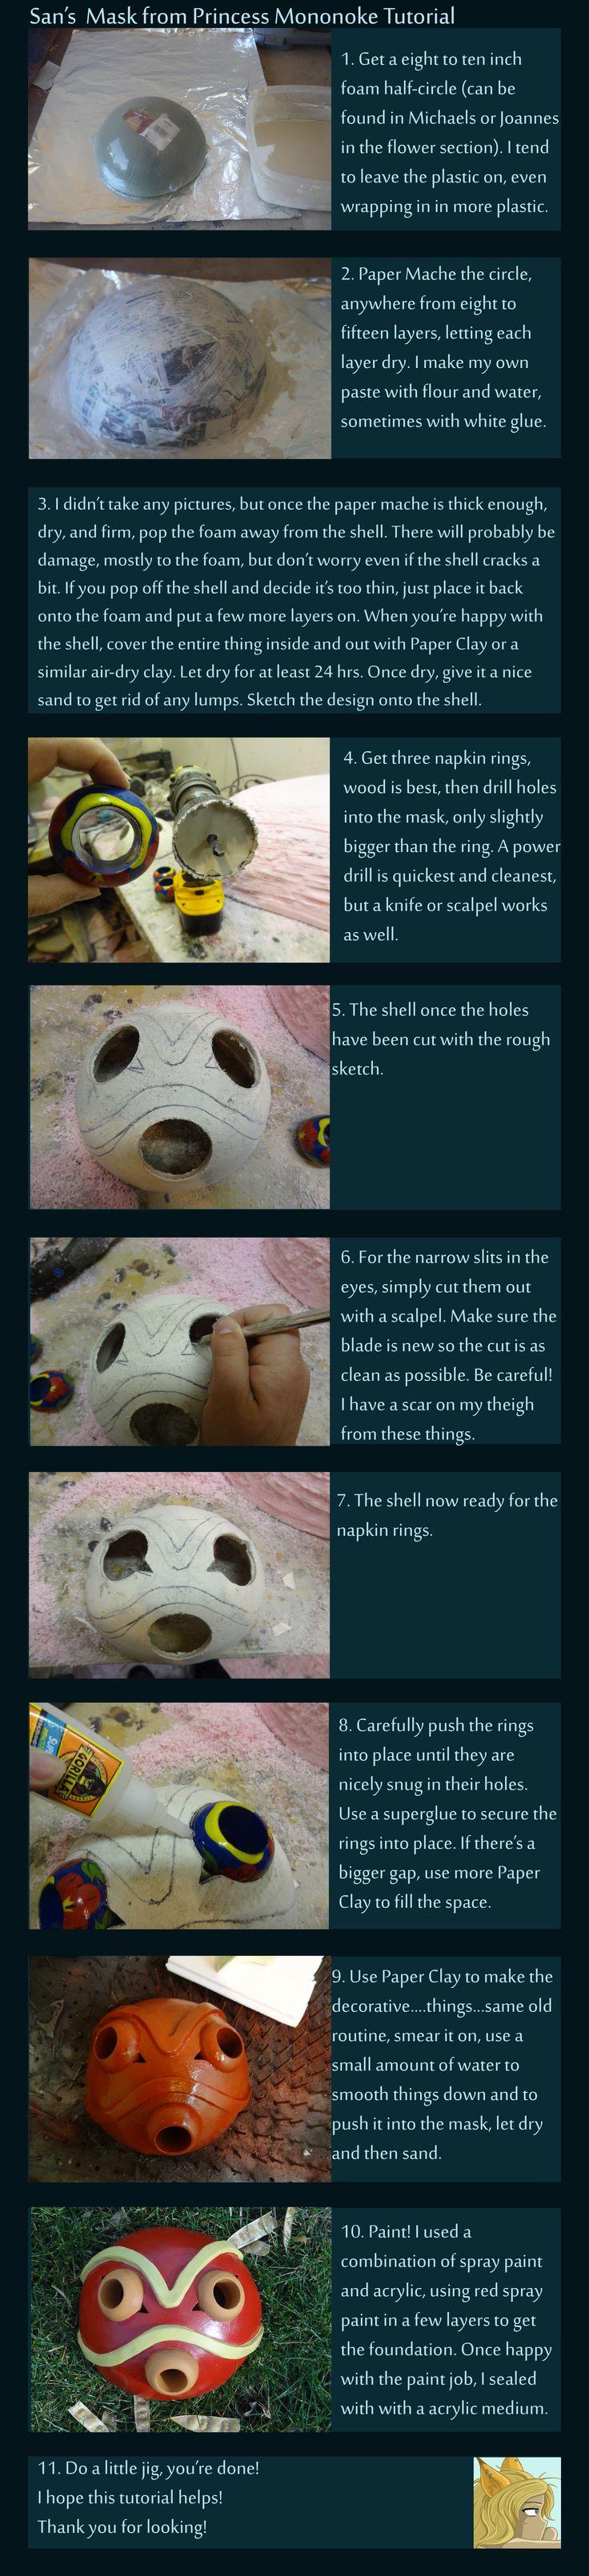 How to make San's mask - Princess Mononoke OMG I can finally cosplay this